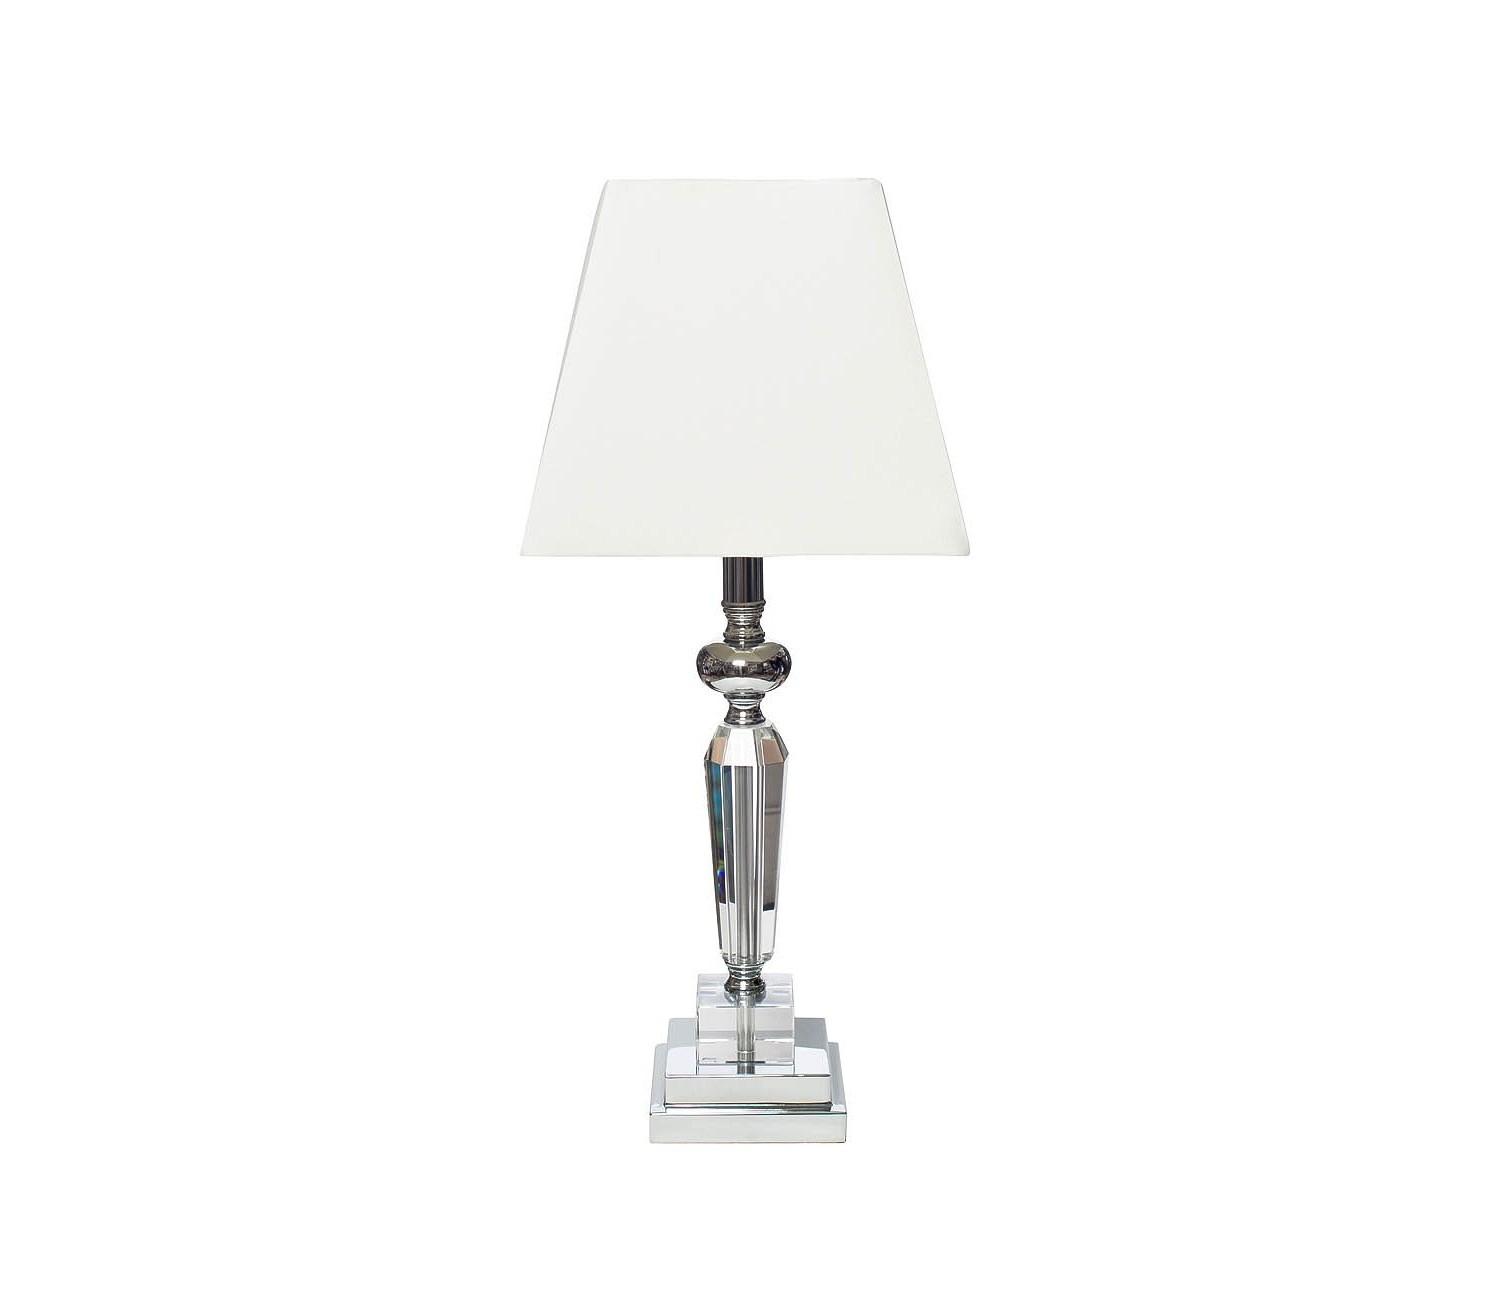 Лампа настольнаяДекоративные лампы<br>&amp;lt;div&amp;gt;Цоколь: E27&amp;lt;/div&amp;gt;&amp;lt;div&amp;gt;Мощность: 60W&amp;lt;/div&amp;gt;&amp;lt;div&amp;gt;Количество ламп: 1&amp;lt;/div&amp;gt;<br><br>Material: Металл<br>Height см: 60<br>Diameter см: 25